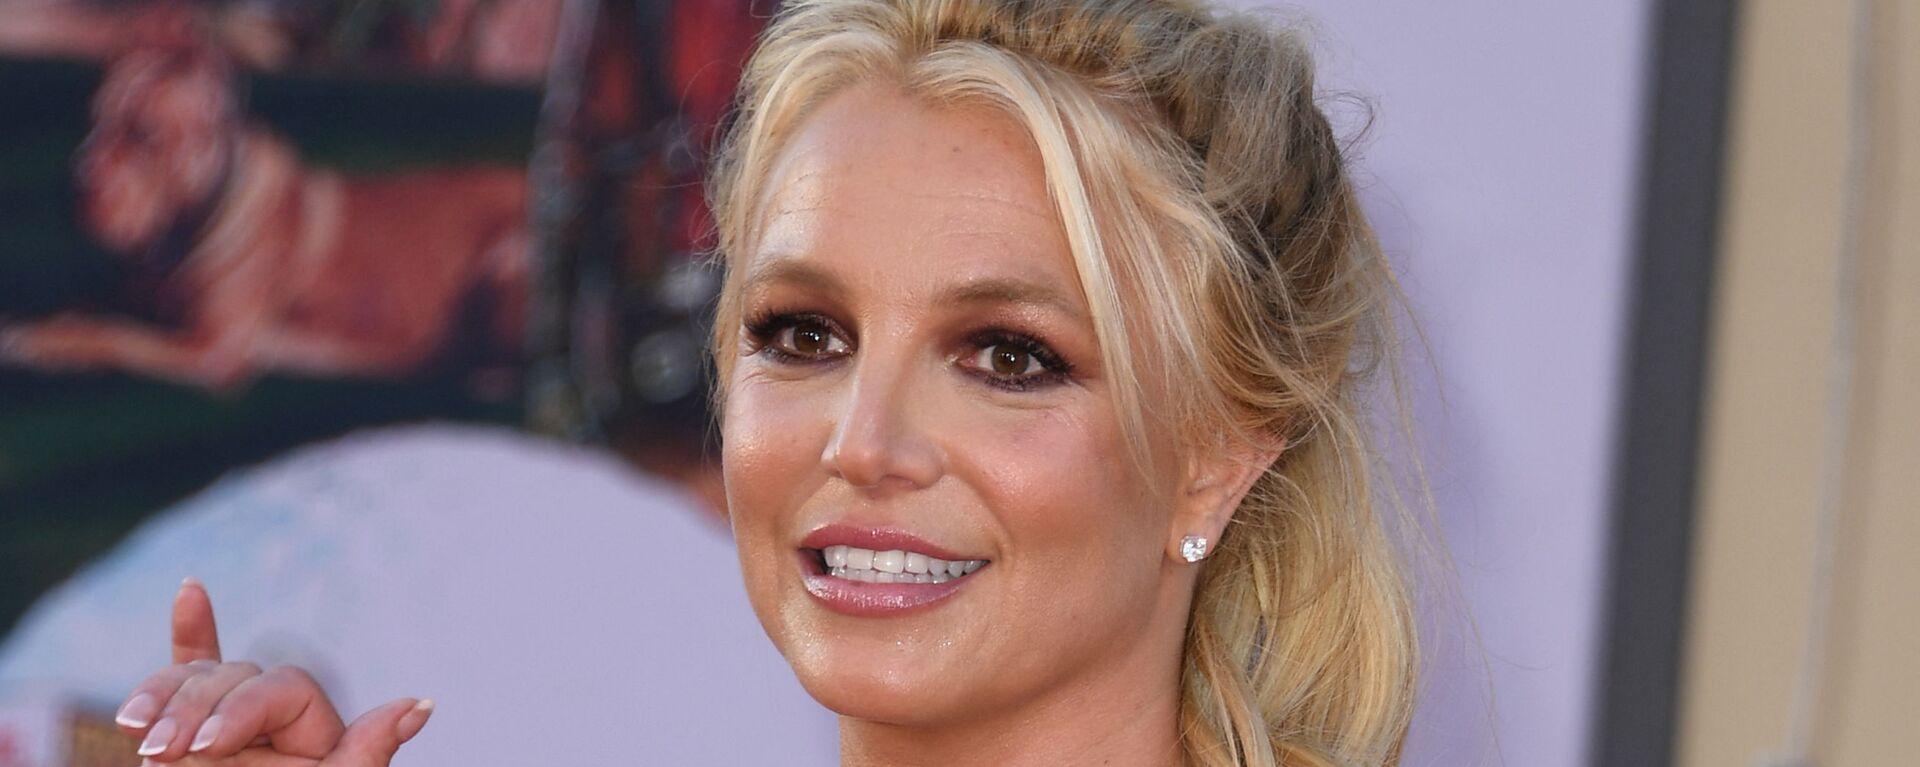 Britney Spears  - Sputnik Česká republika, 1920, 13.08.2021